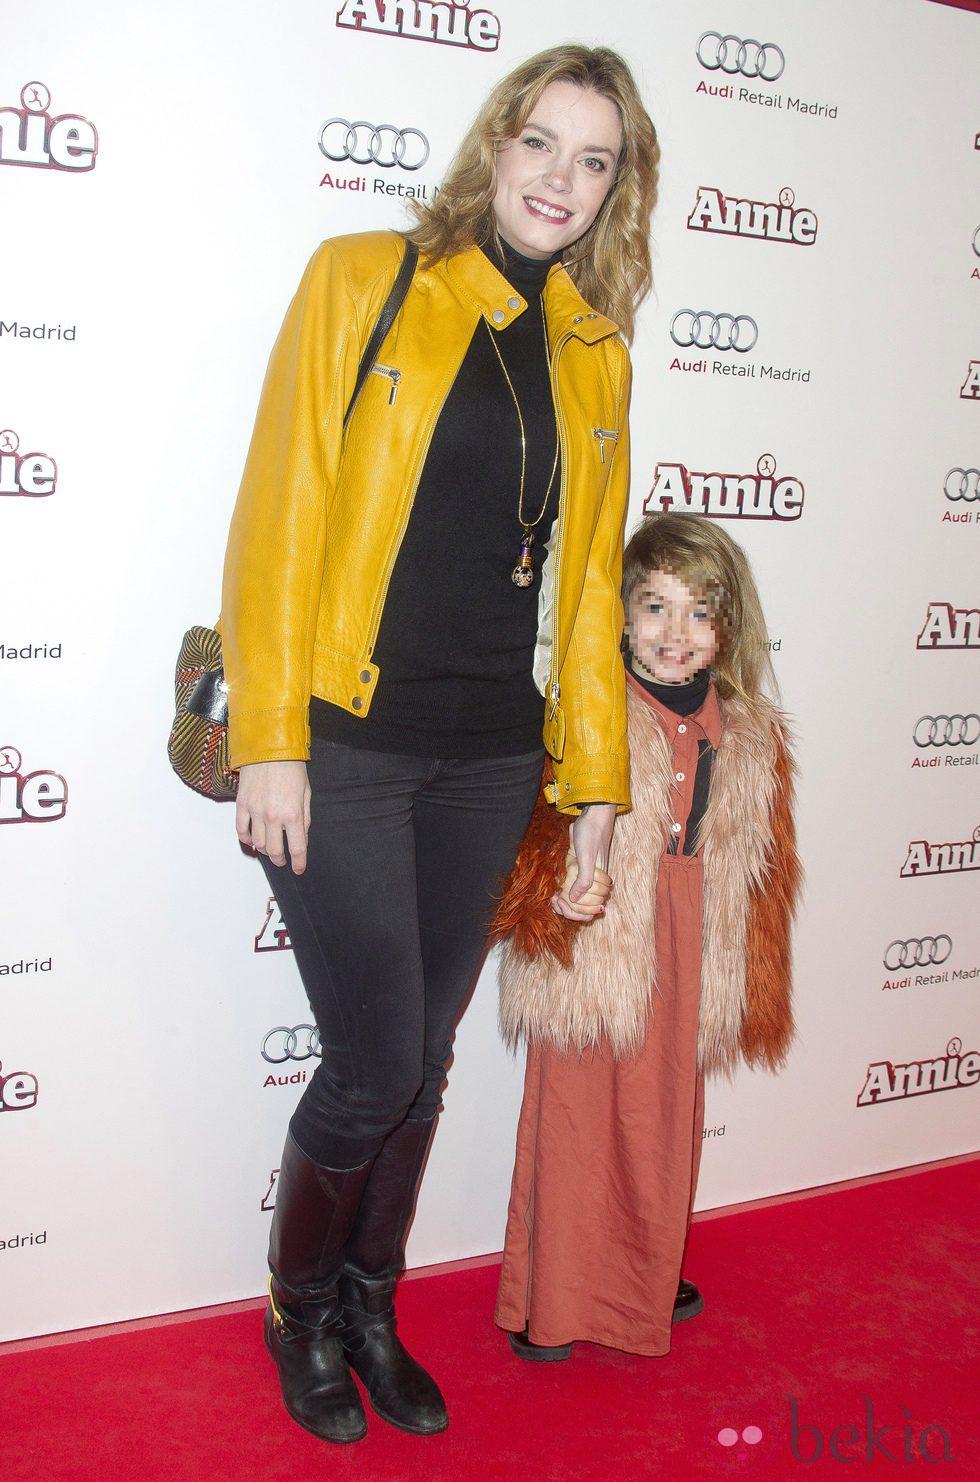 Carolina Bang en la premiere de 'Annie' en Madrid